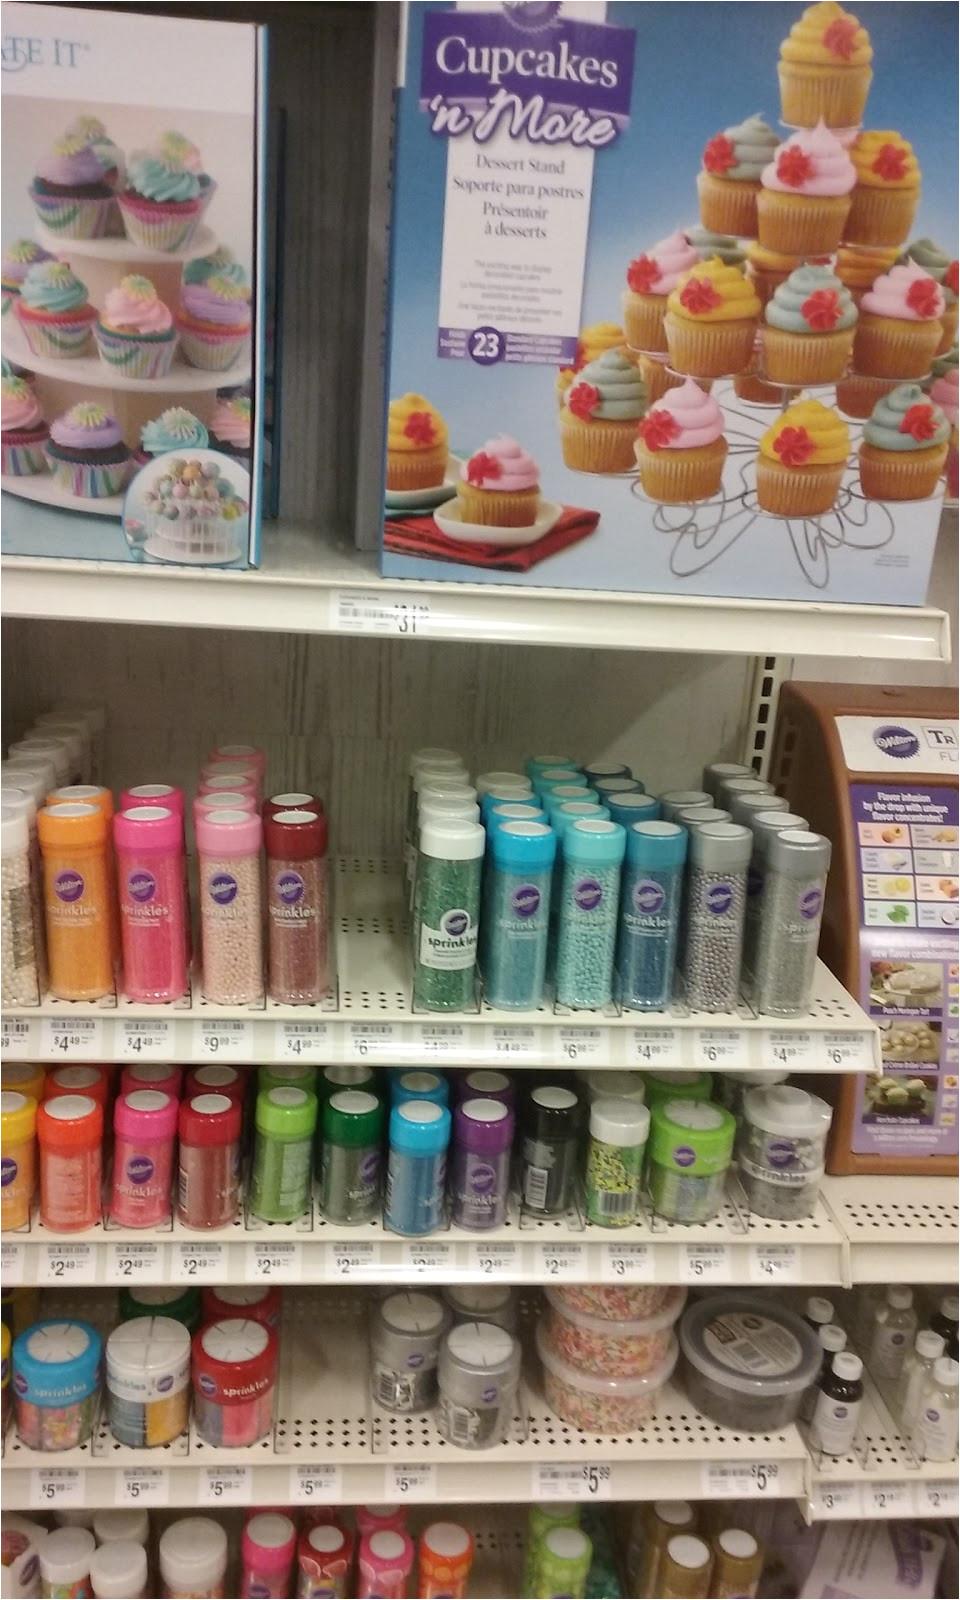 es una tienda maravillosa tiene de tooodo hogar salud belleza supermarket y en el pasillo para pastelera a haba a de todo un poco